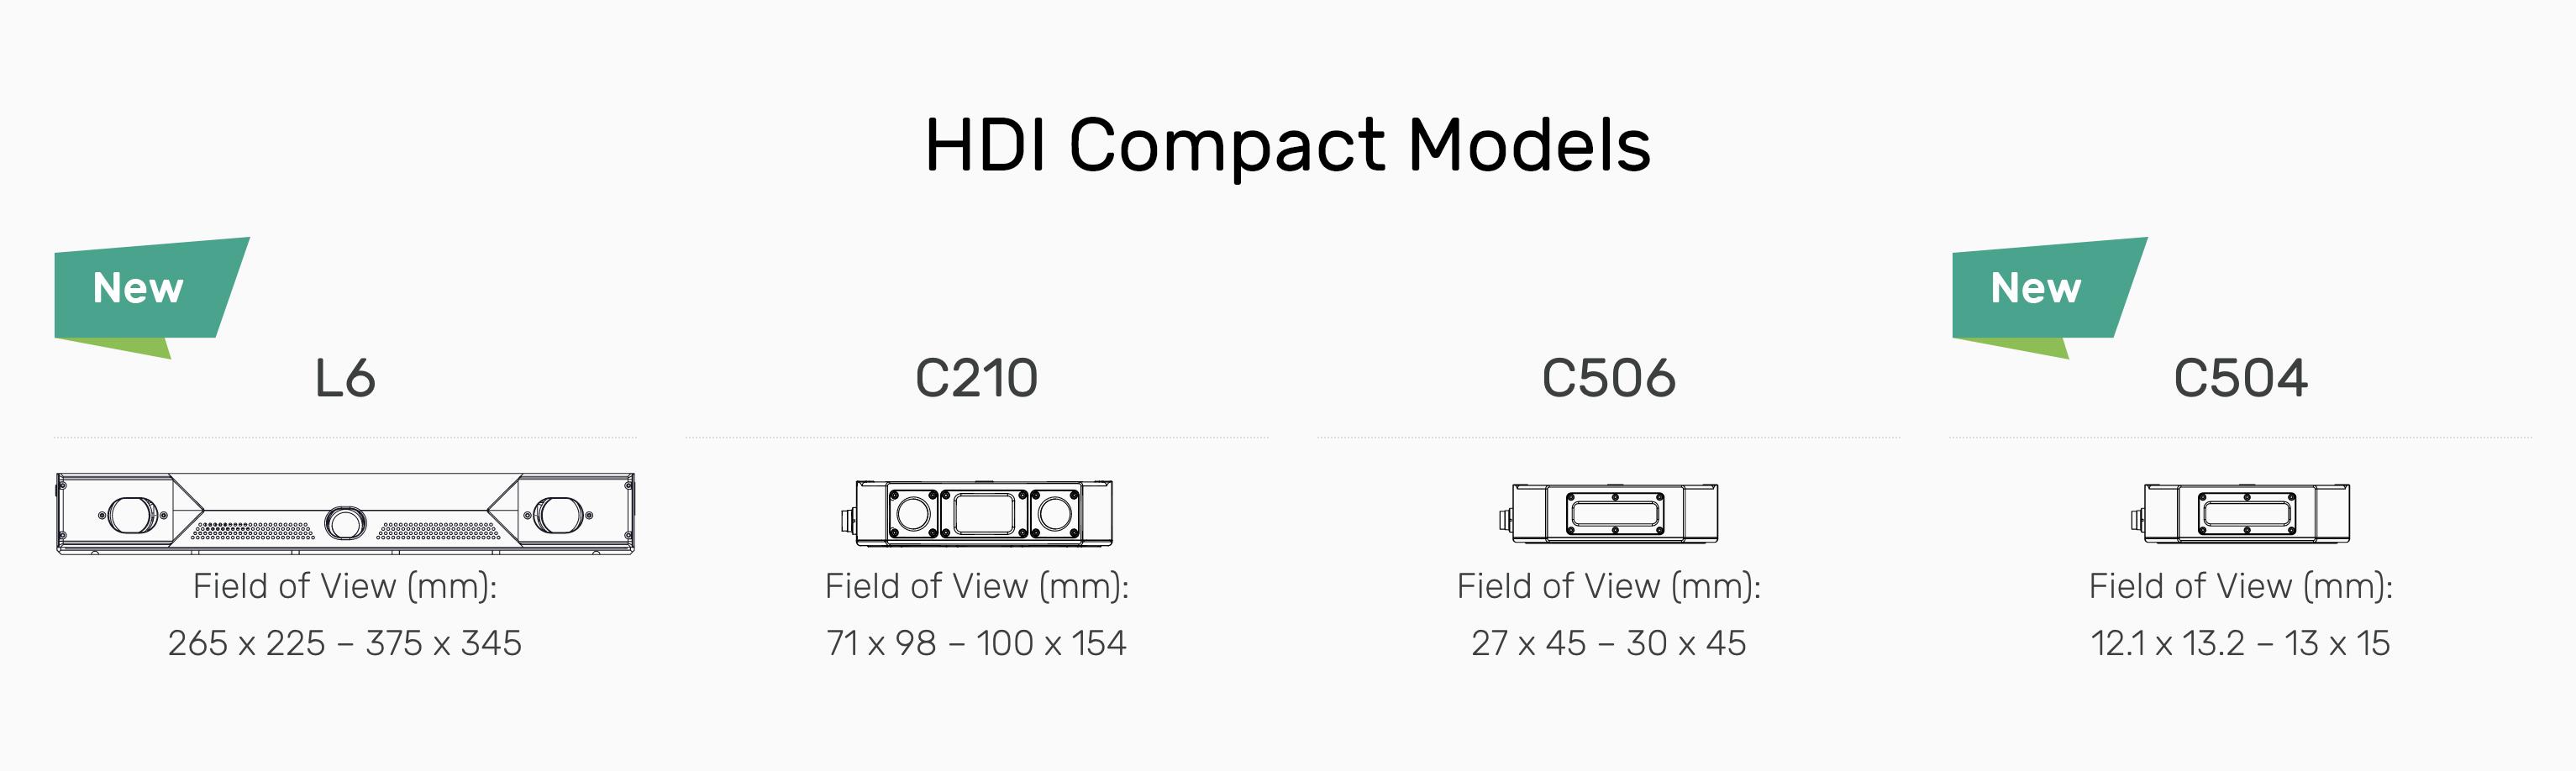 HDI Compact Model Comparison